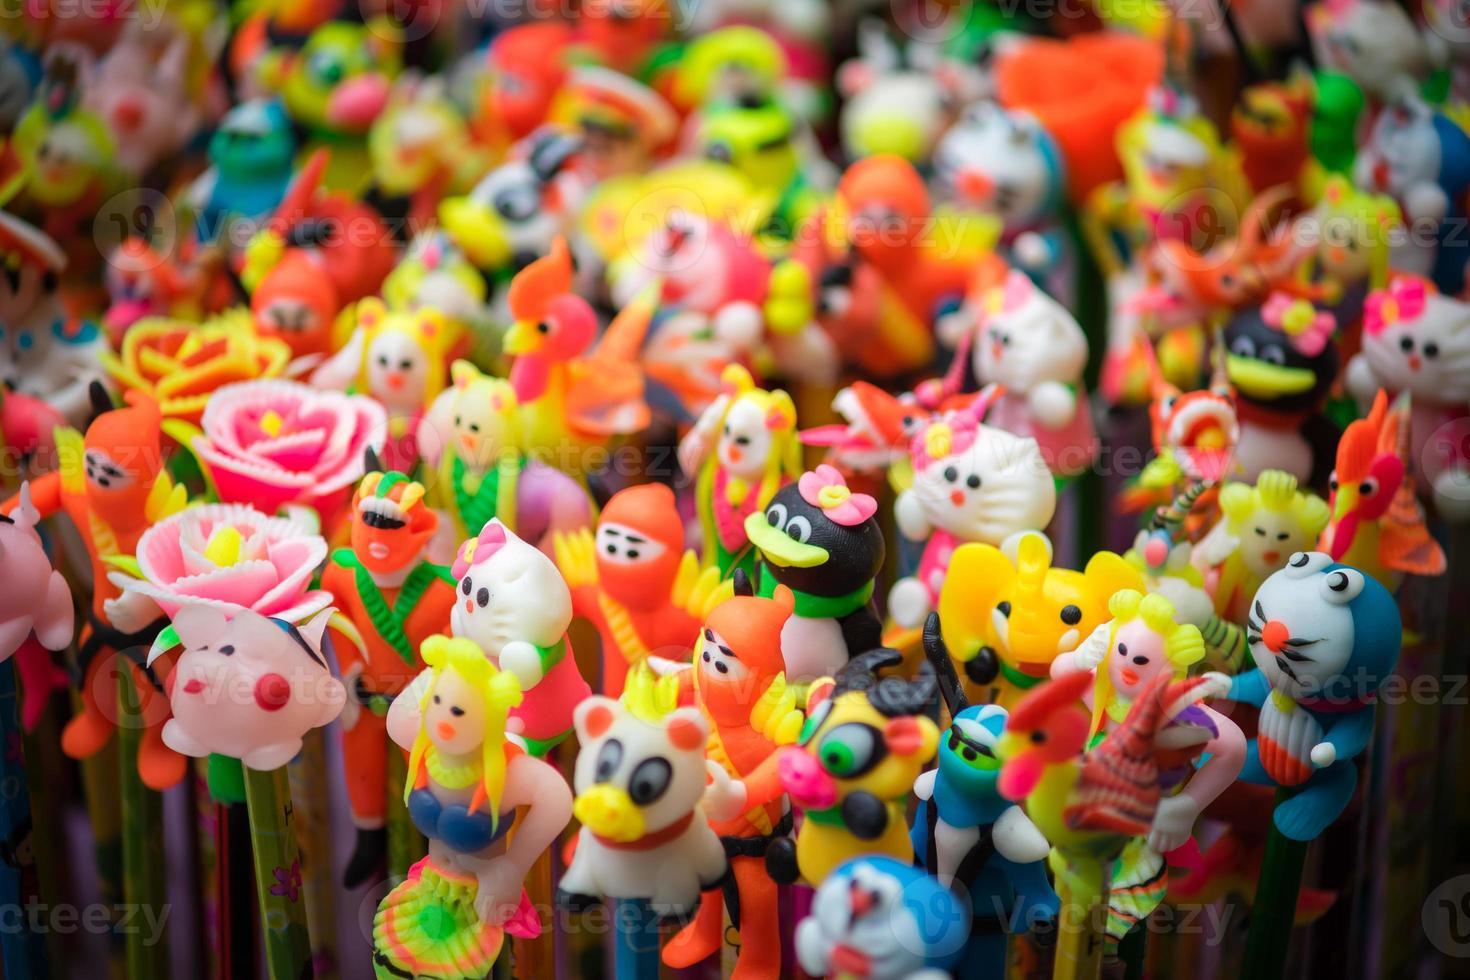 decorazioni tradizionali di colore nel festival di metà autunno dell'Asia foto